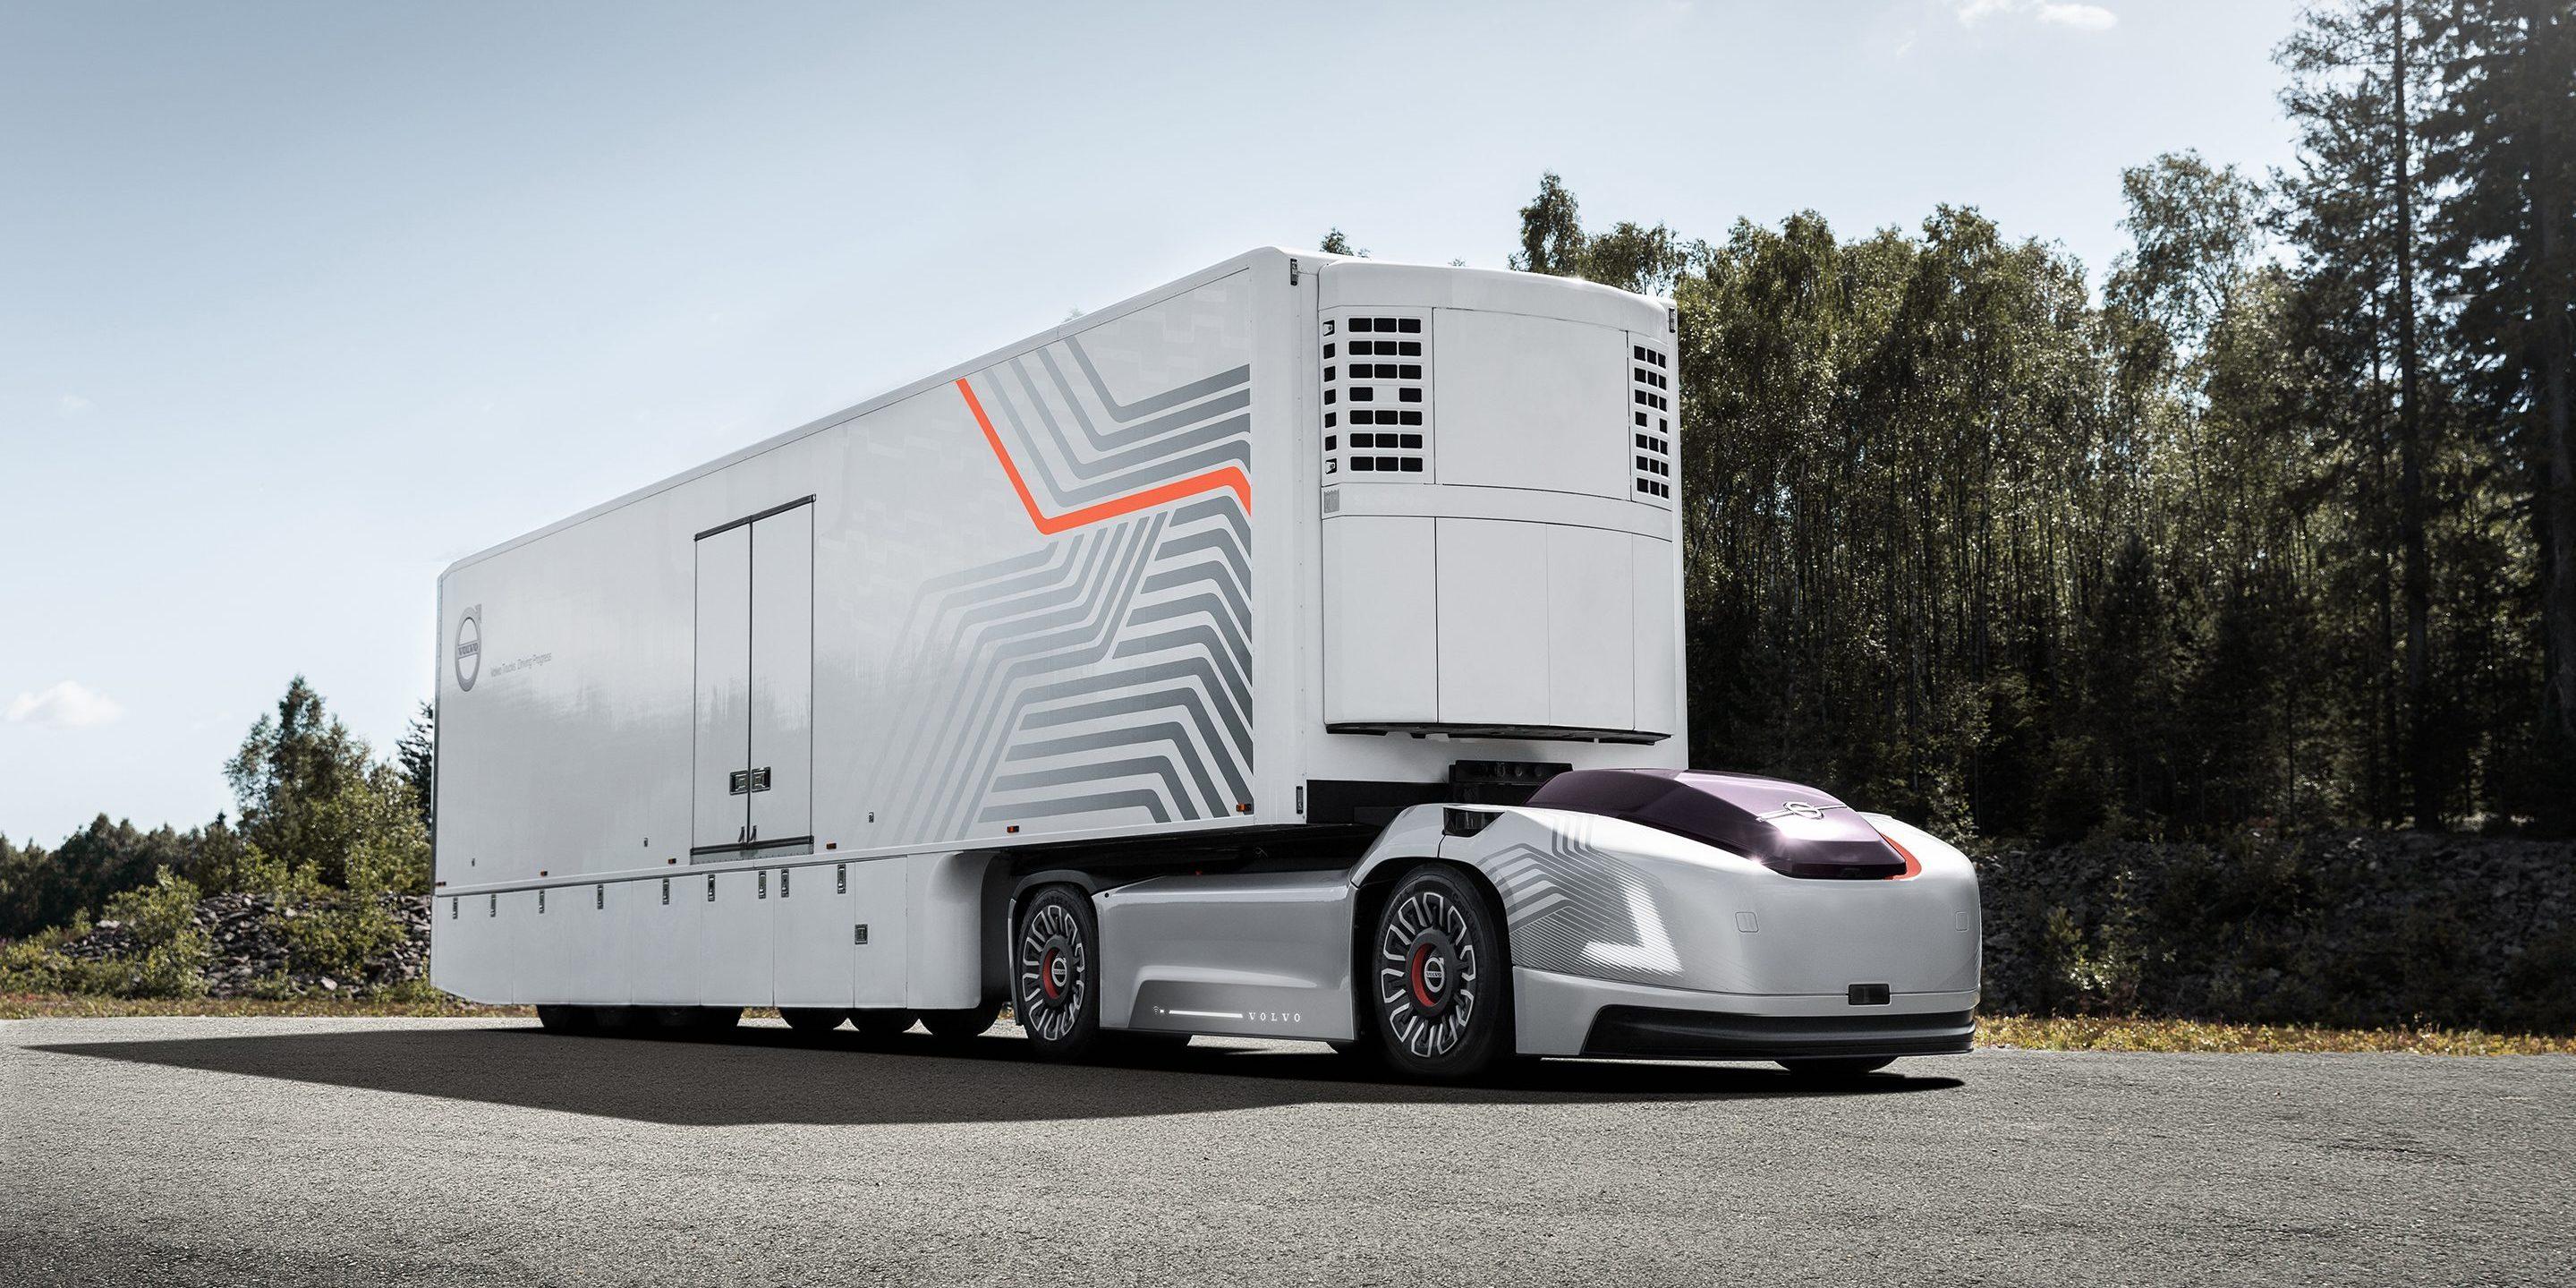 Fahrerlos: Volvo zeigt vollelektrischen und autonomen Lkw ohne Kabine - Volvo Vera (Bild: Volvo Trucks)